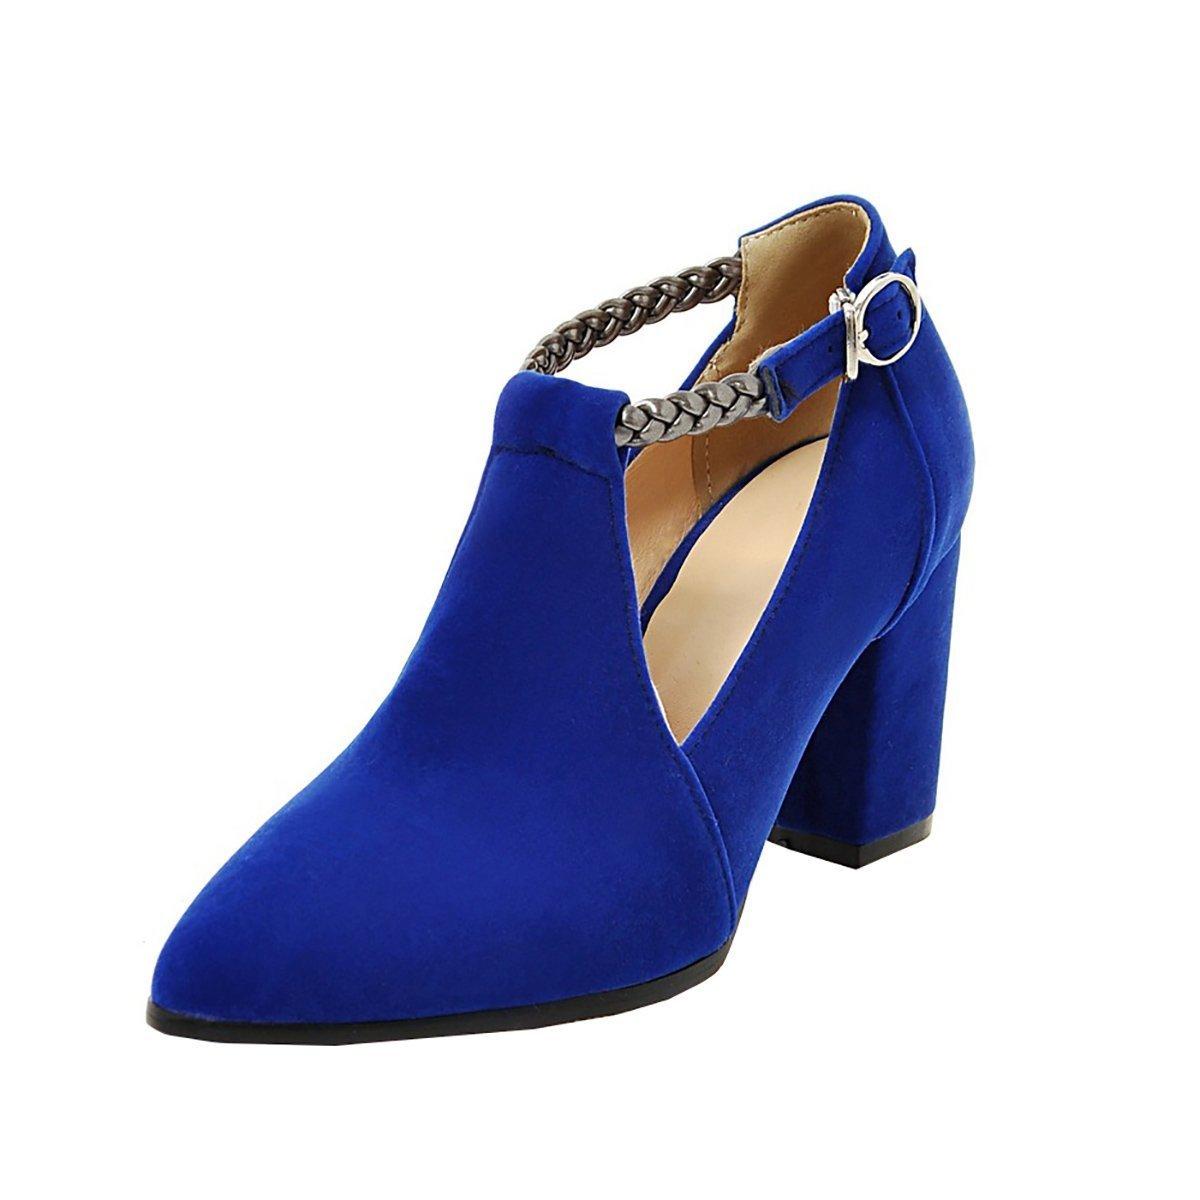 YE Damen T Strap Pumps Blockabsatz High Heels mit Riemchen Bequem Elegant Schuhe  38 EU Blau